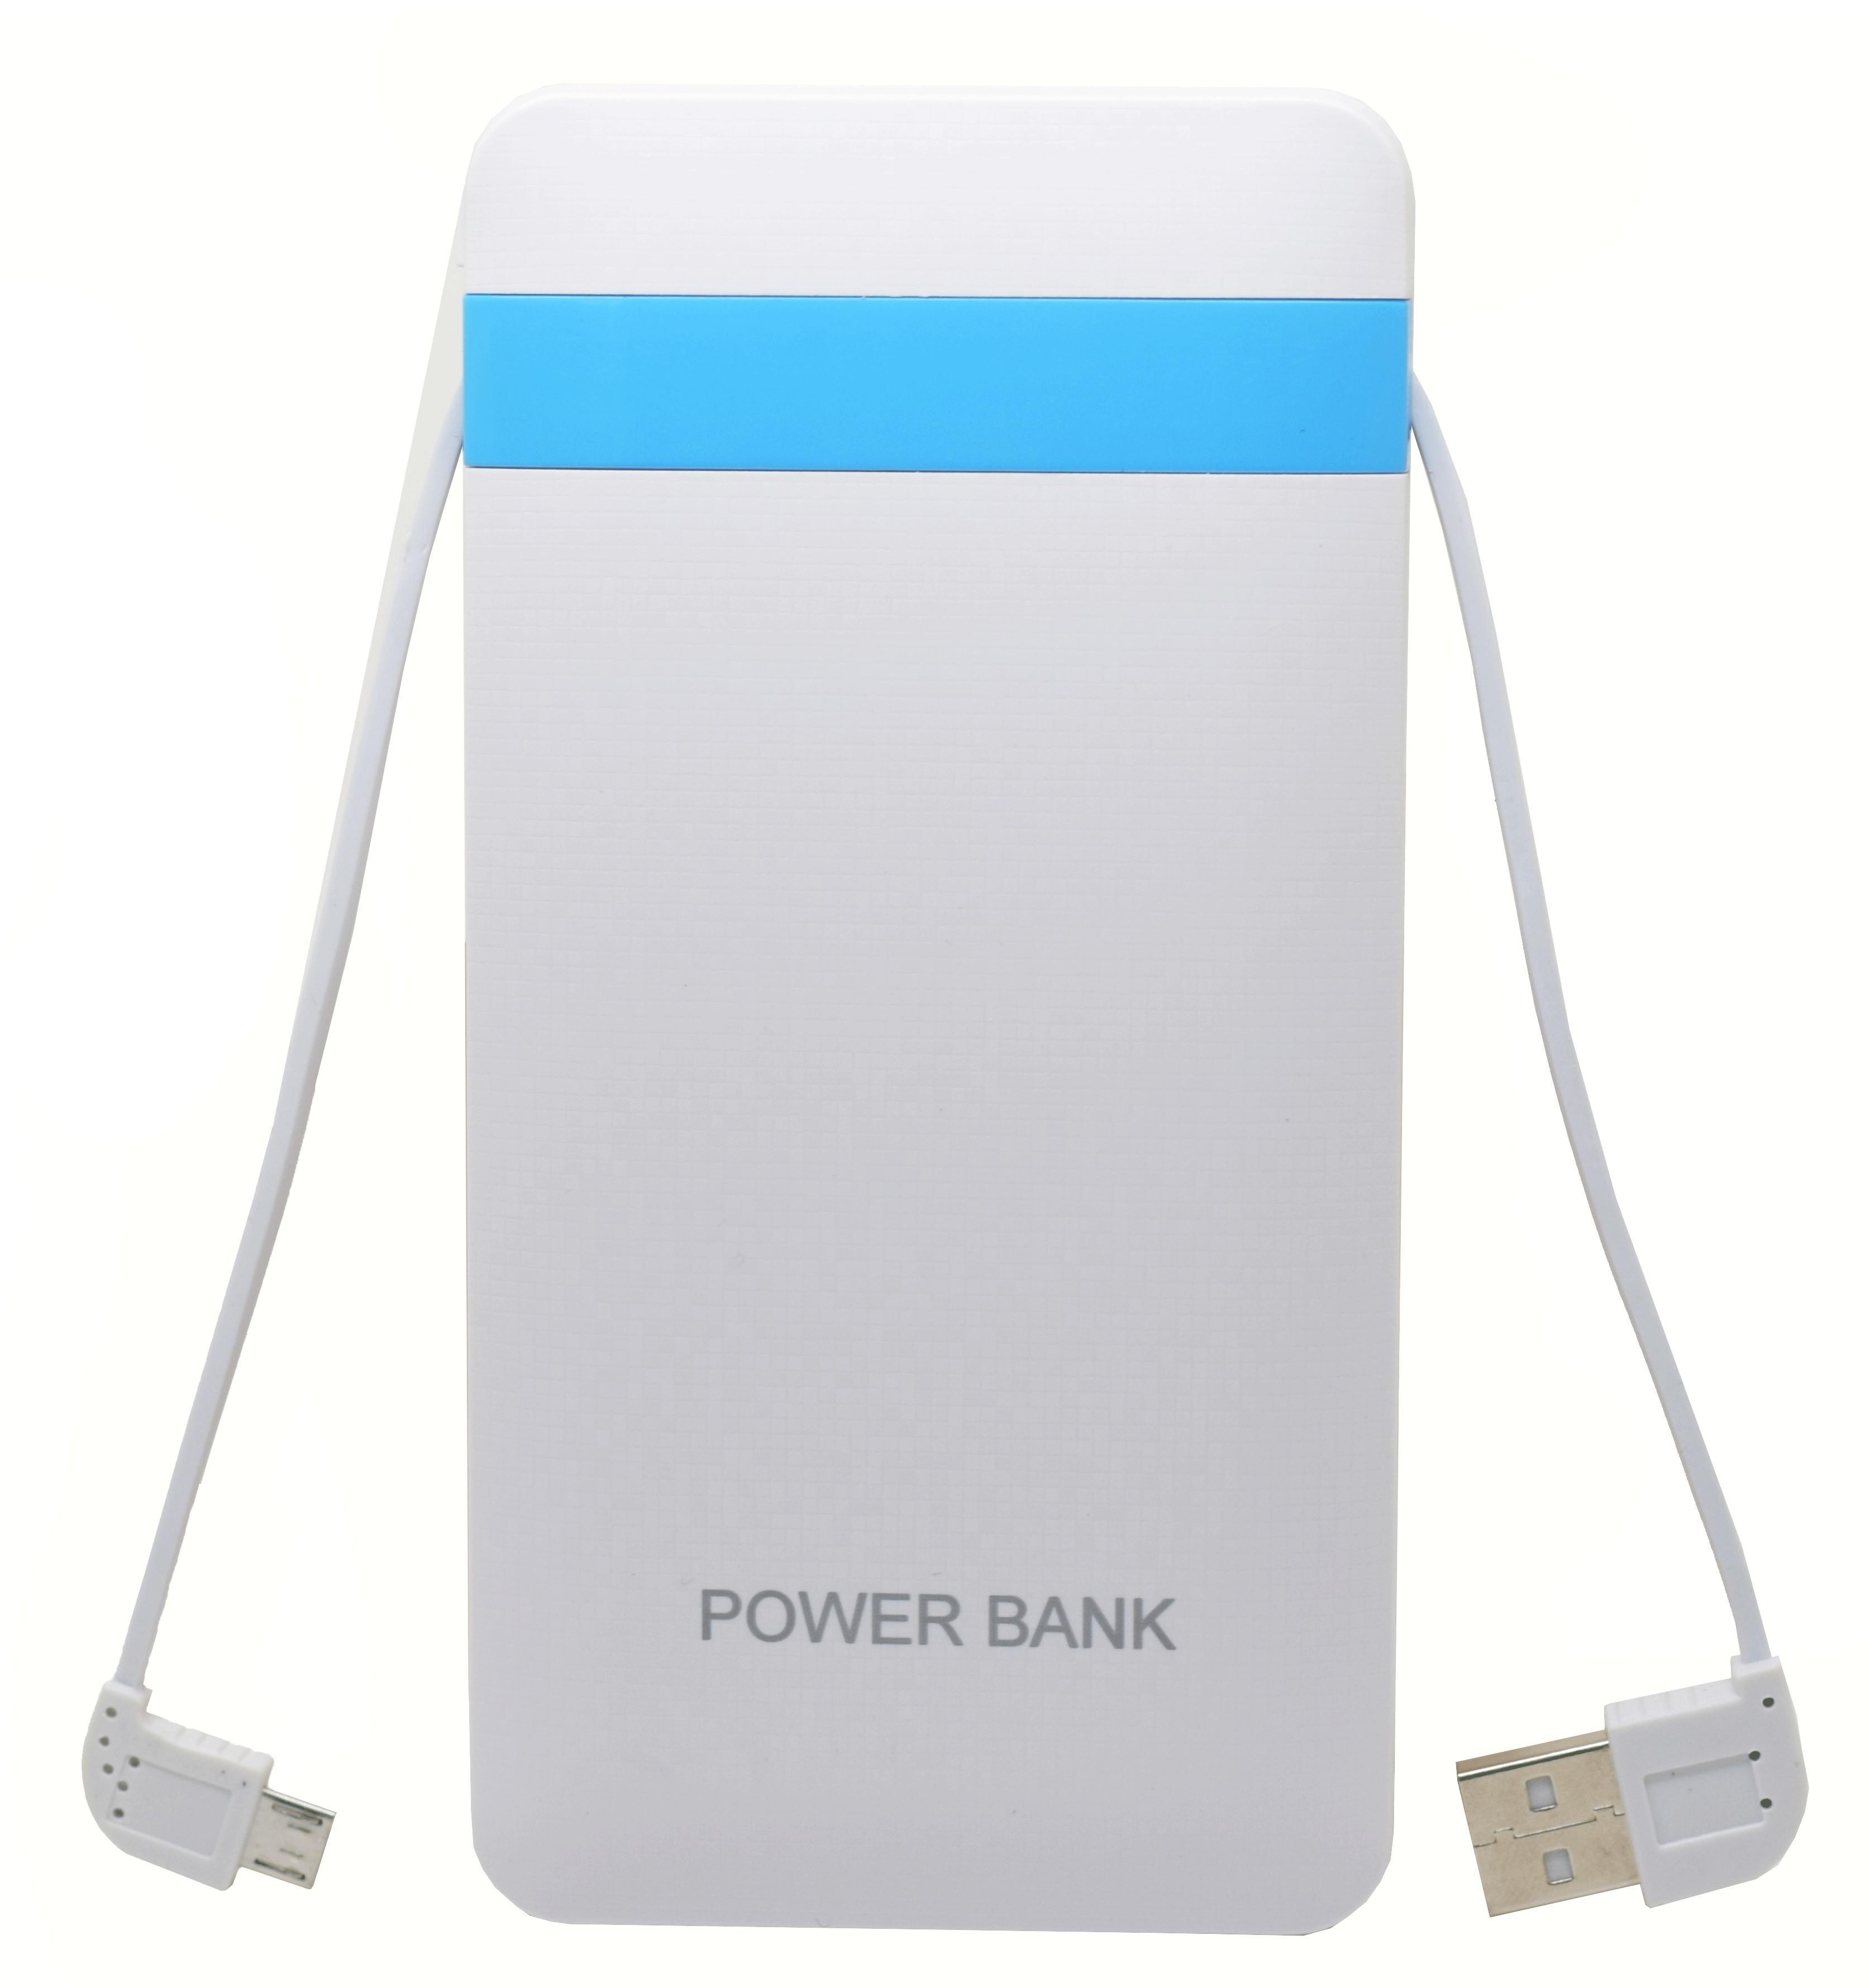 Baterie externa iUni PB16, 10000mAh, Dual USB, Powerbank, White imagine techstar.ro 2021